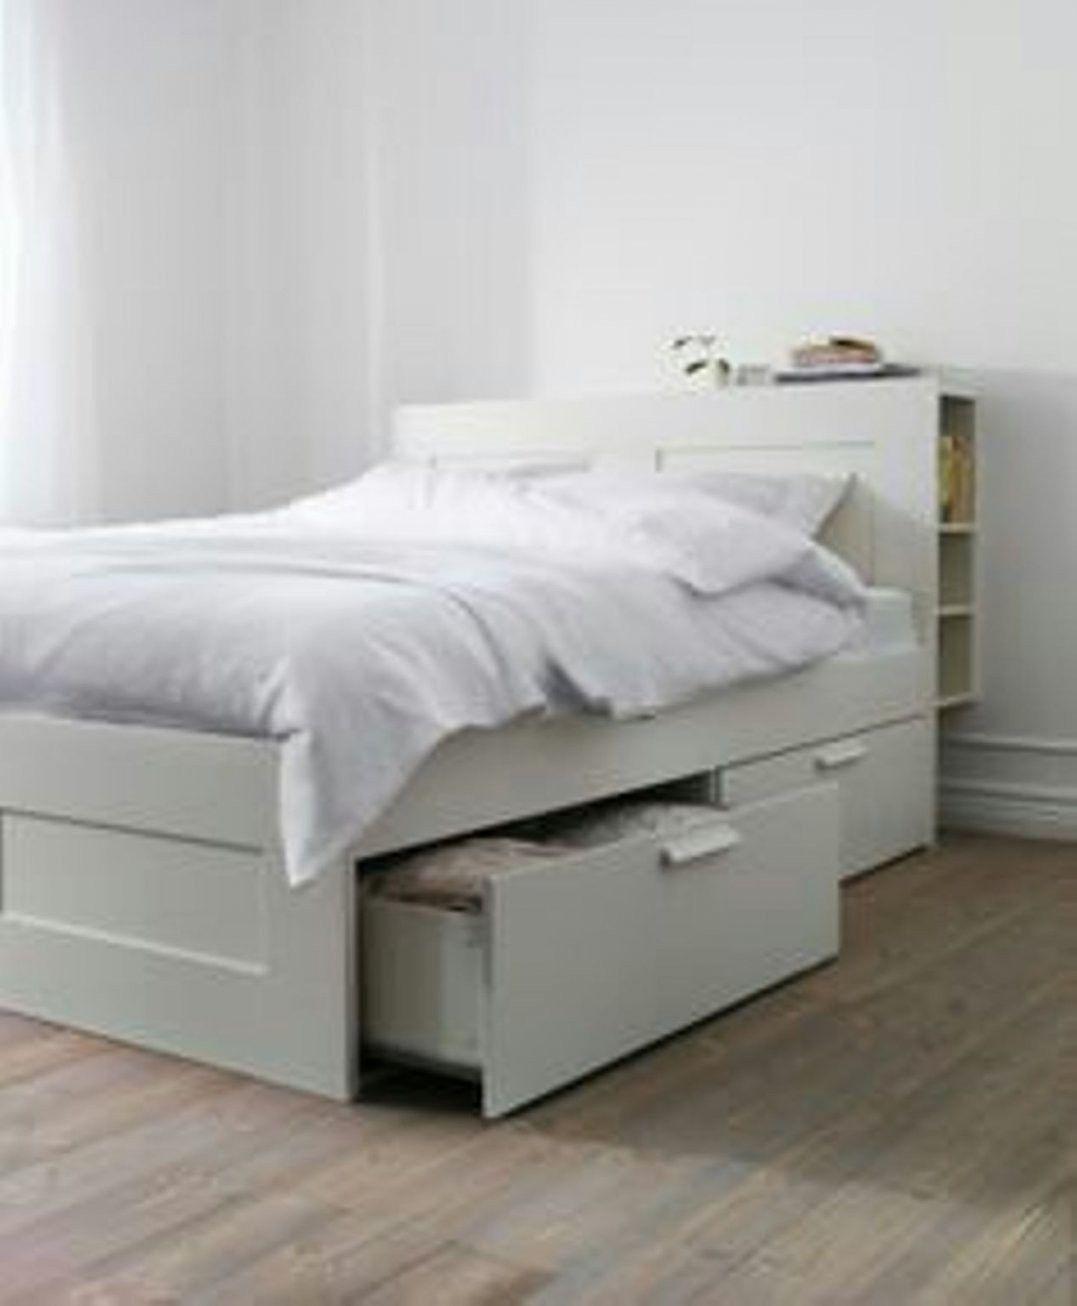 Welches Bett Kaufen Fresh Ikea Brimnes Bett 160 200 Dengan Gambar